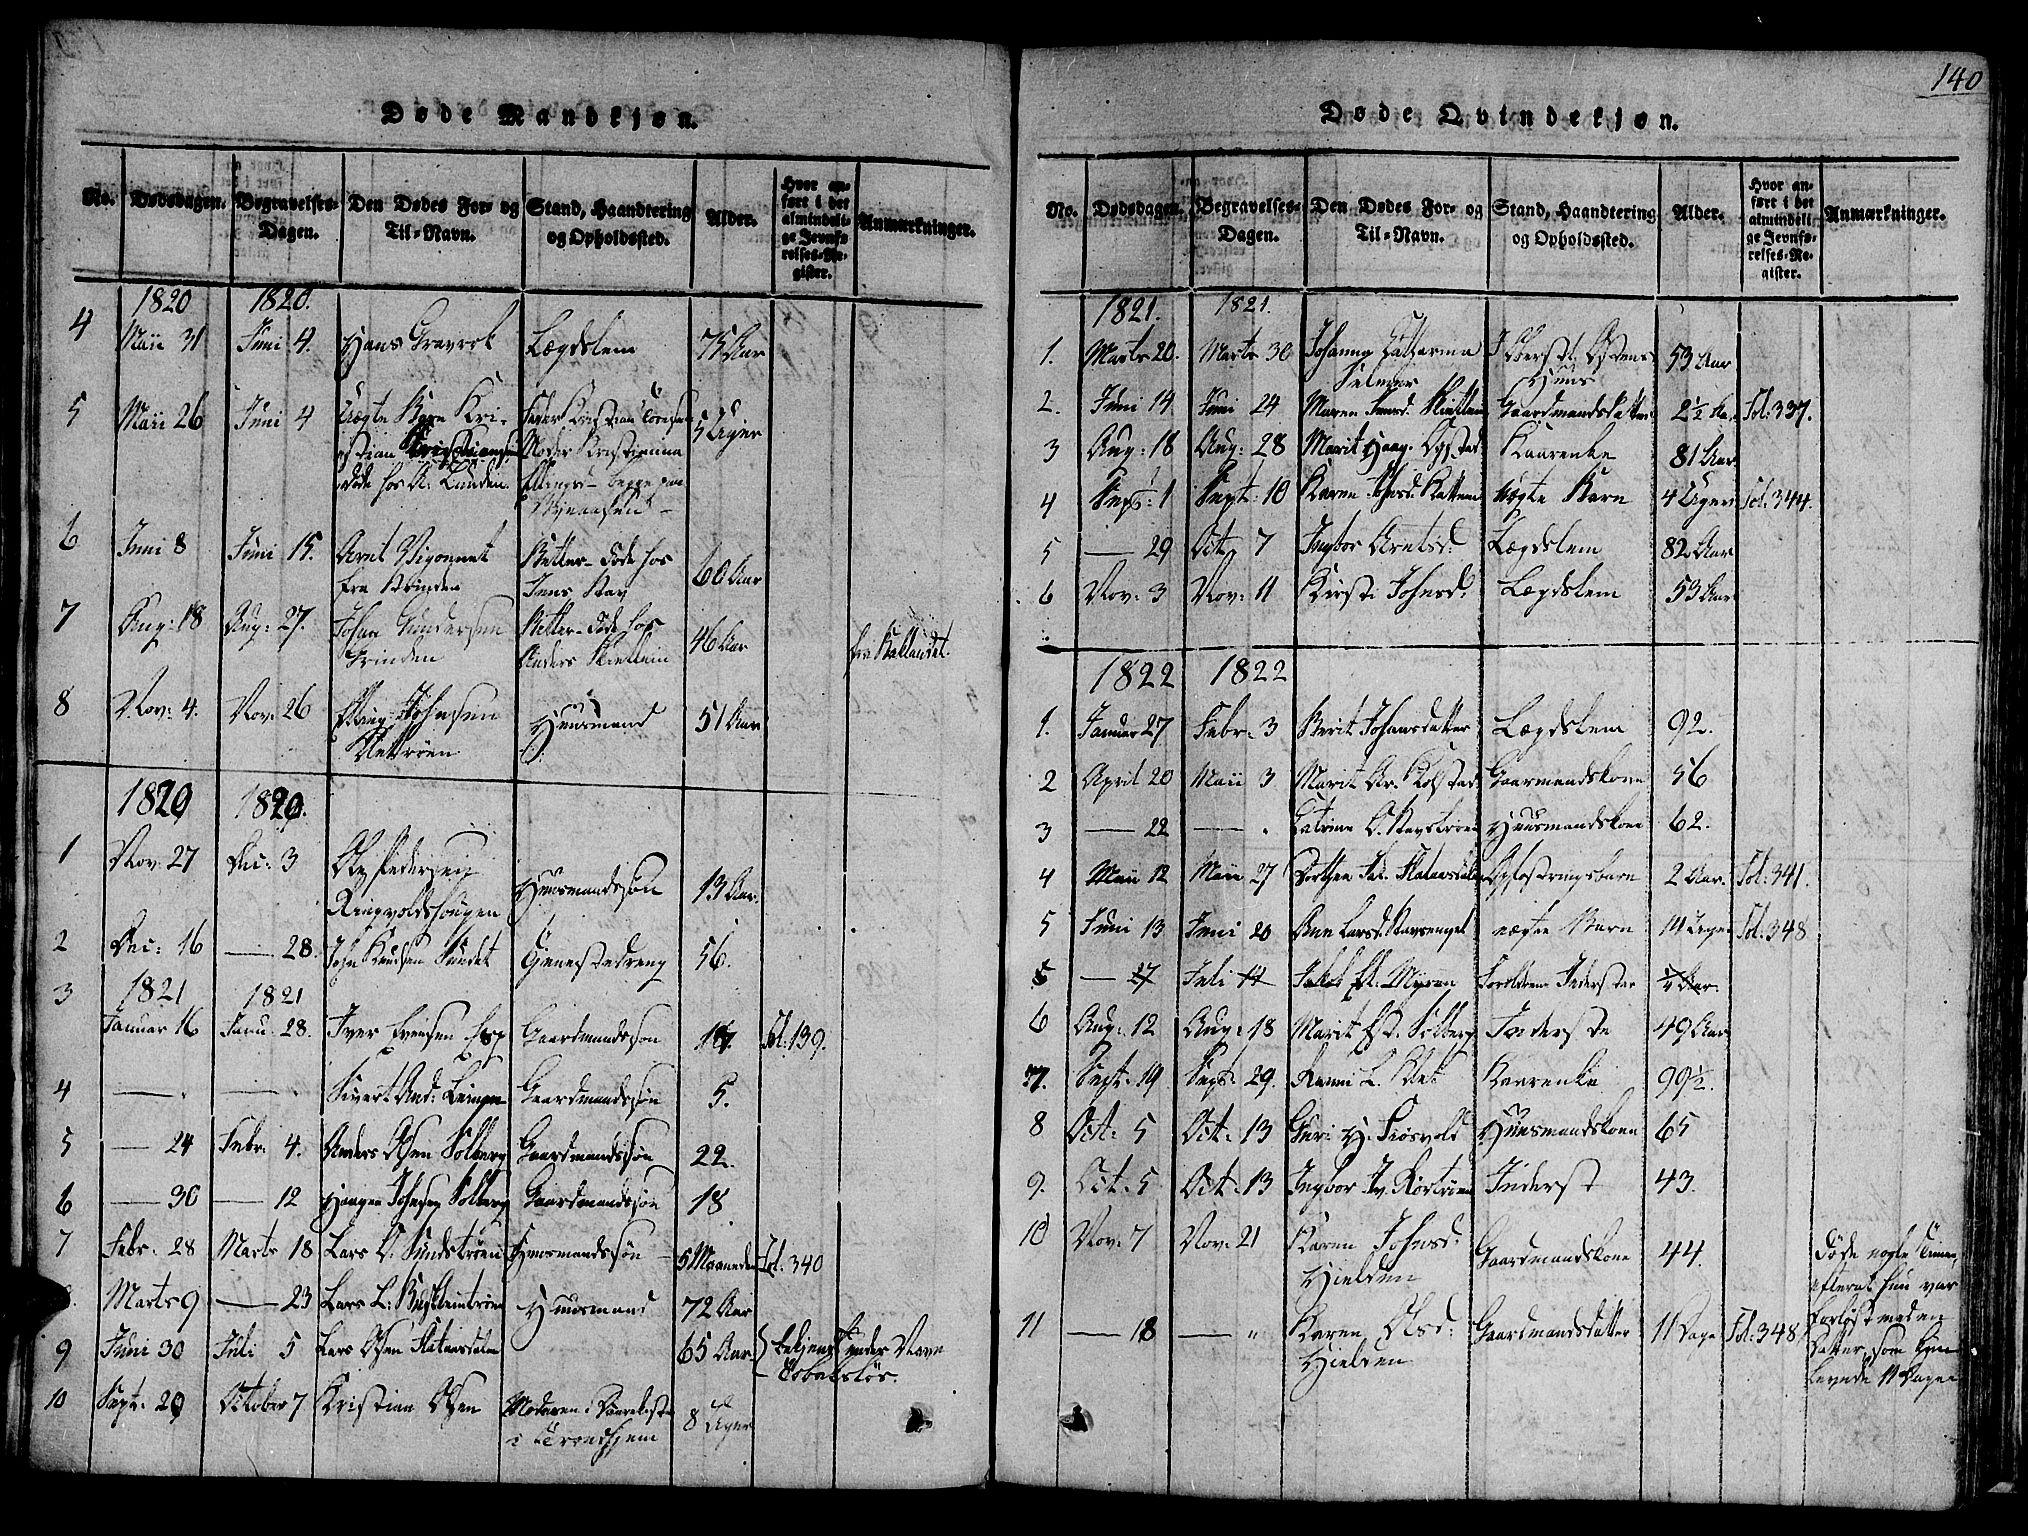 SAT, Ministerialprotokoller, klokkerbøker og fødselsregistre - Sør-Trøndelag, 691/L1067: Ministerialbok nr. 691A03 /3, 1816-1826, s. 140